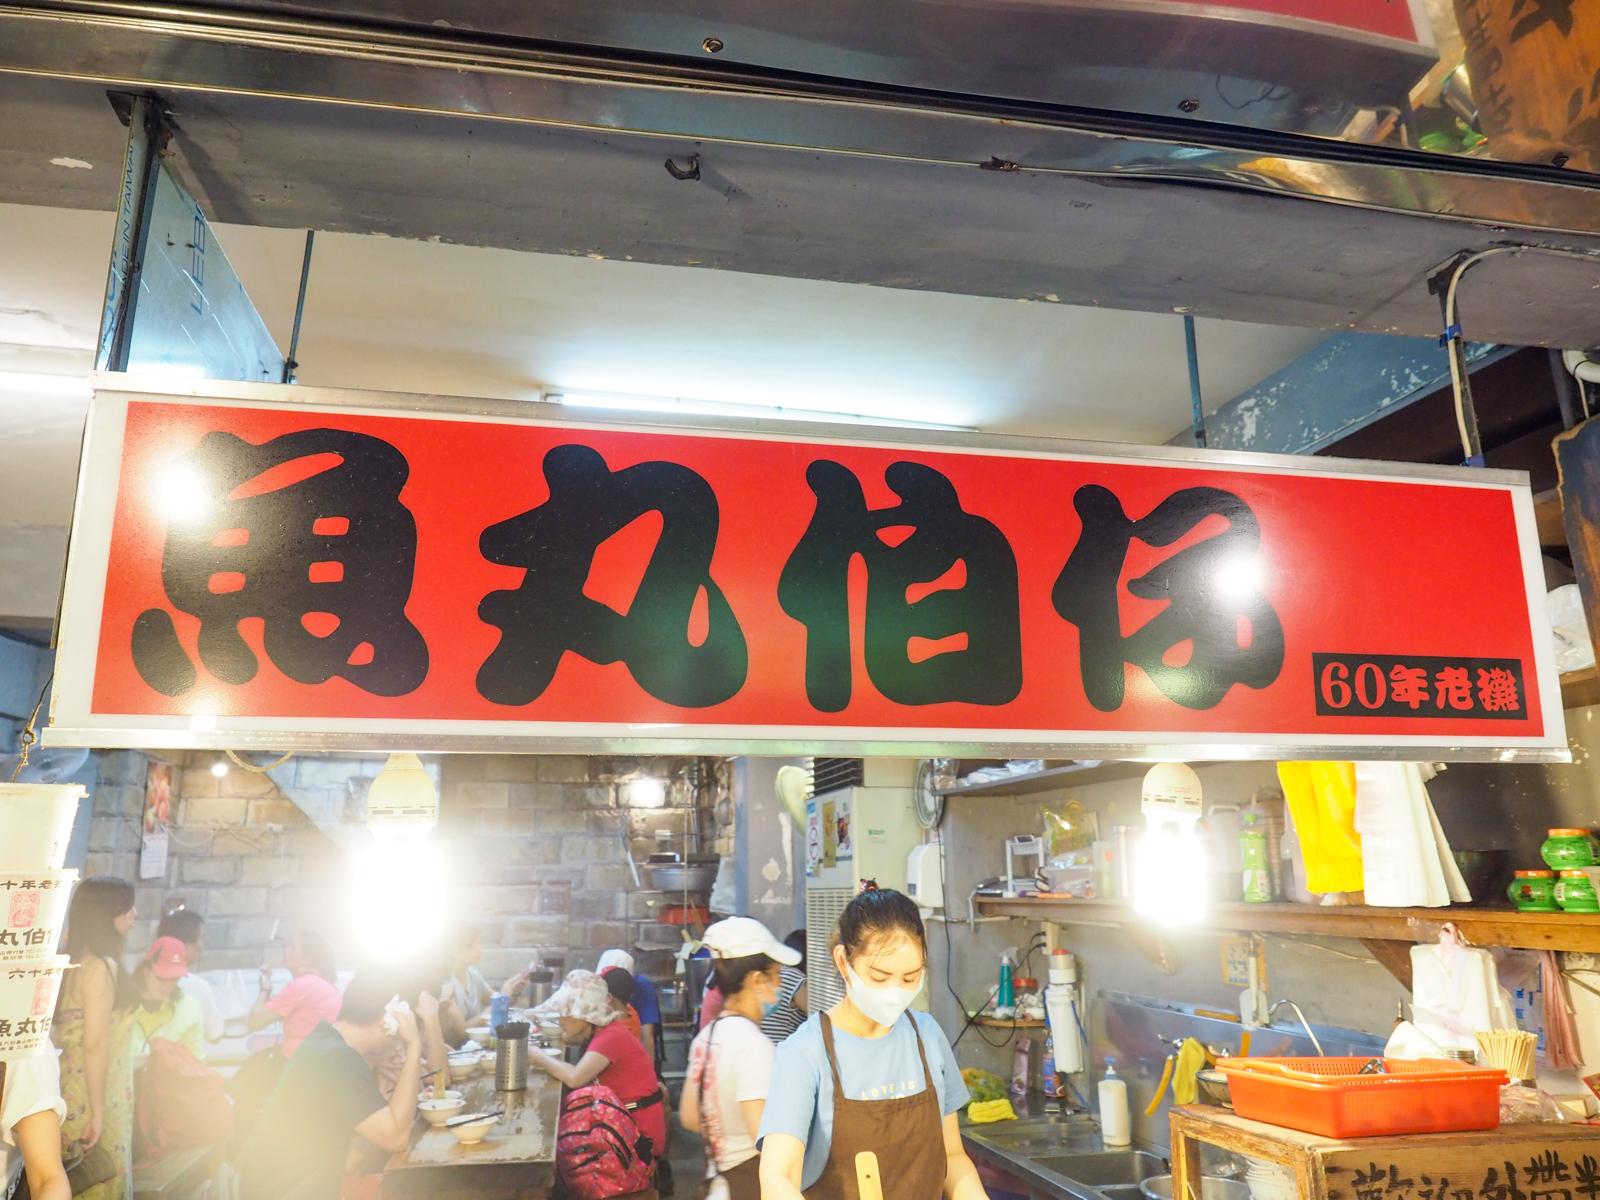 【九份老街美食】九份魚丸伯仔 二十年的好味道又不漲價 老街的良心店家